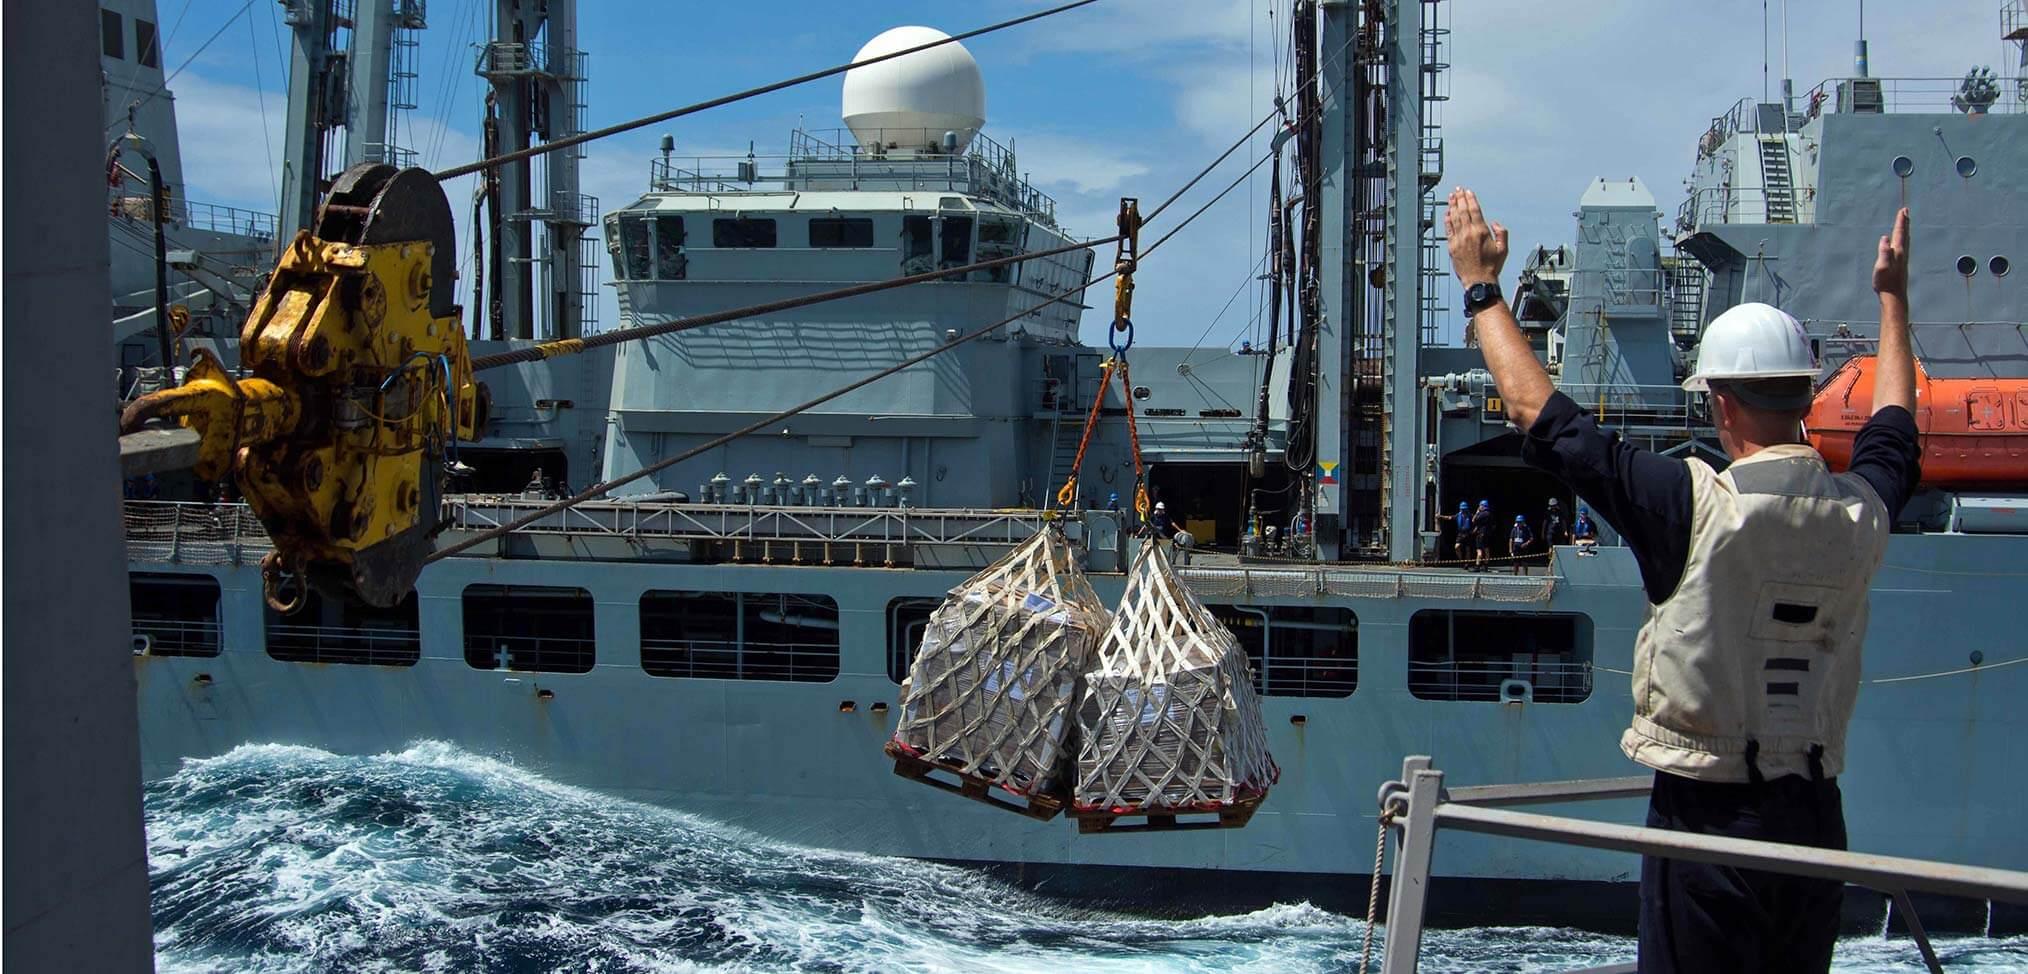 Repenishment at Sea. Heavy Jackstay Transfer